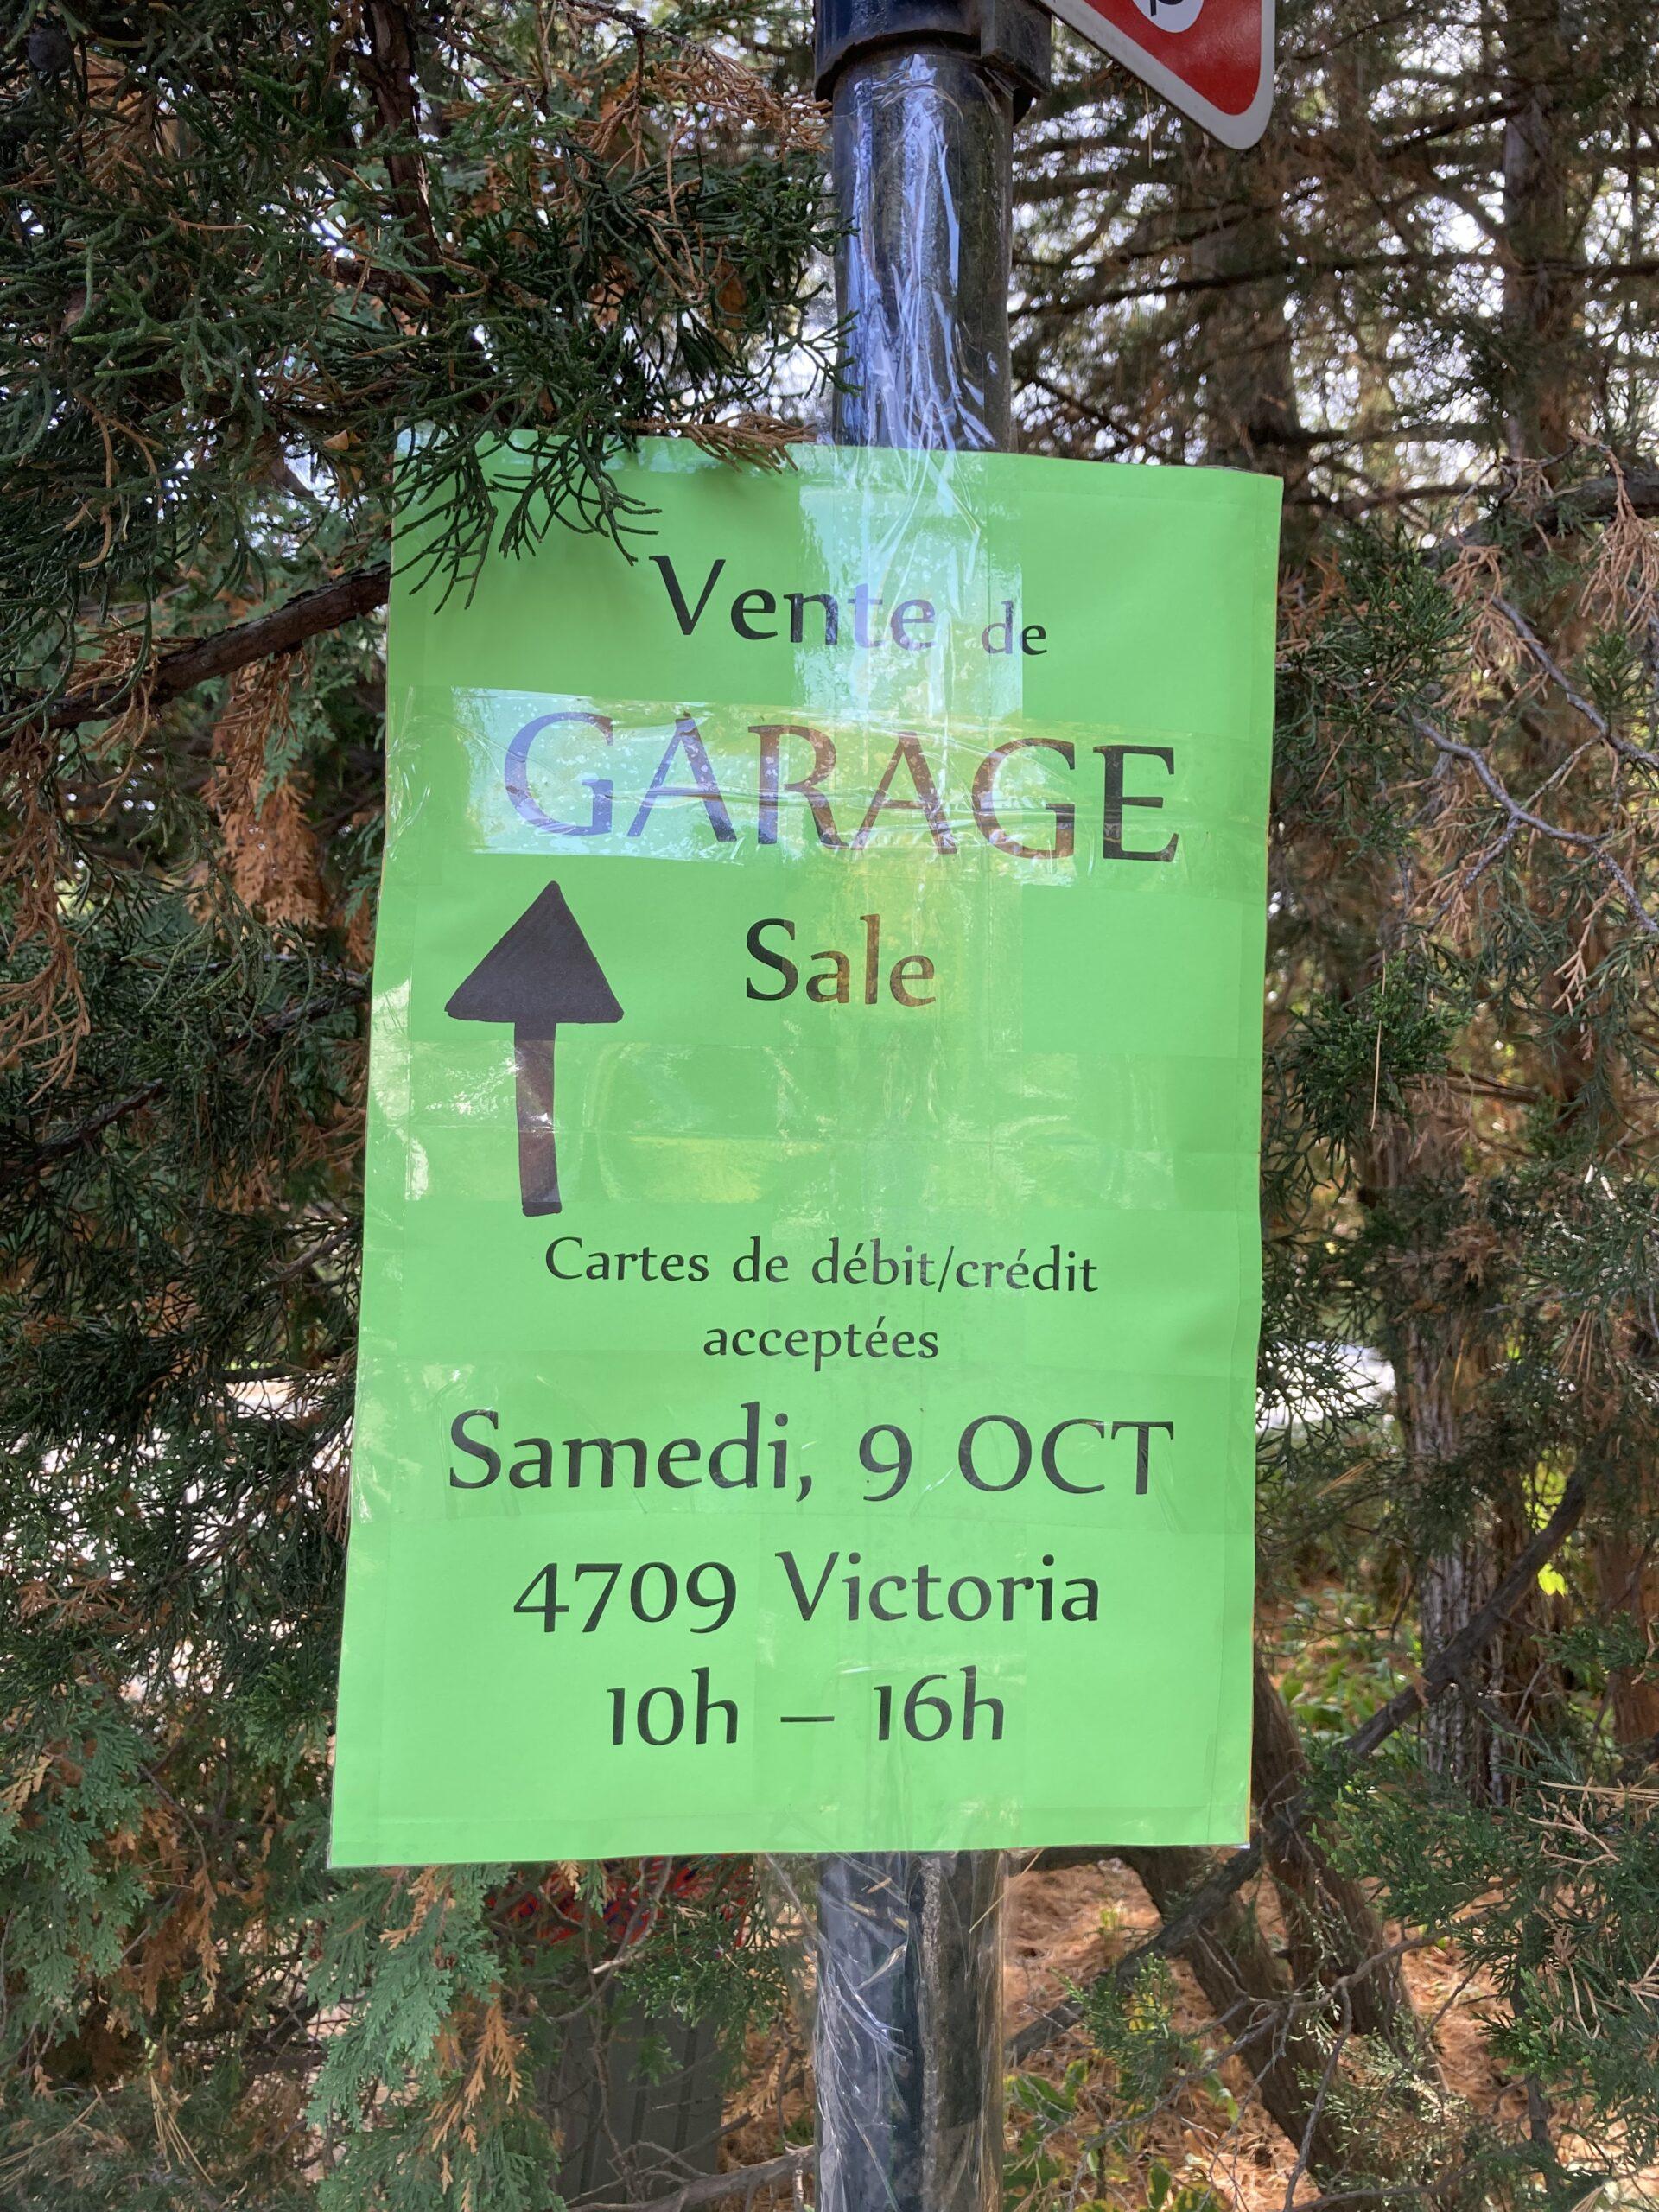 Annonce de vente de garage, Westmount, 9 octobre 2021